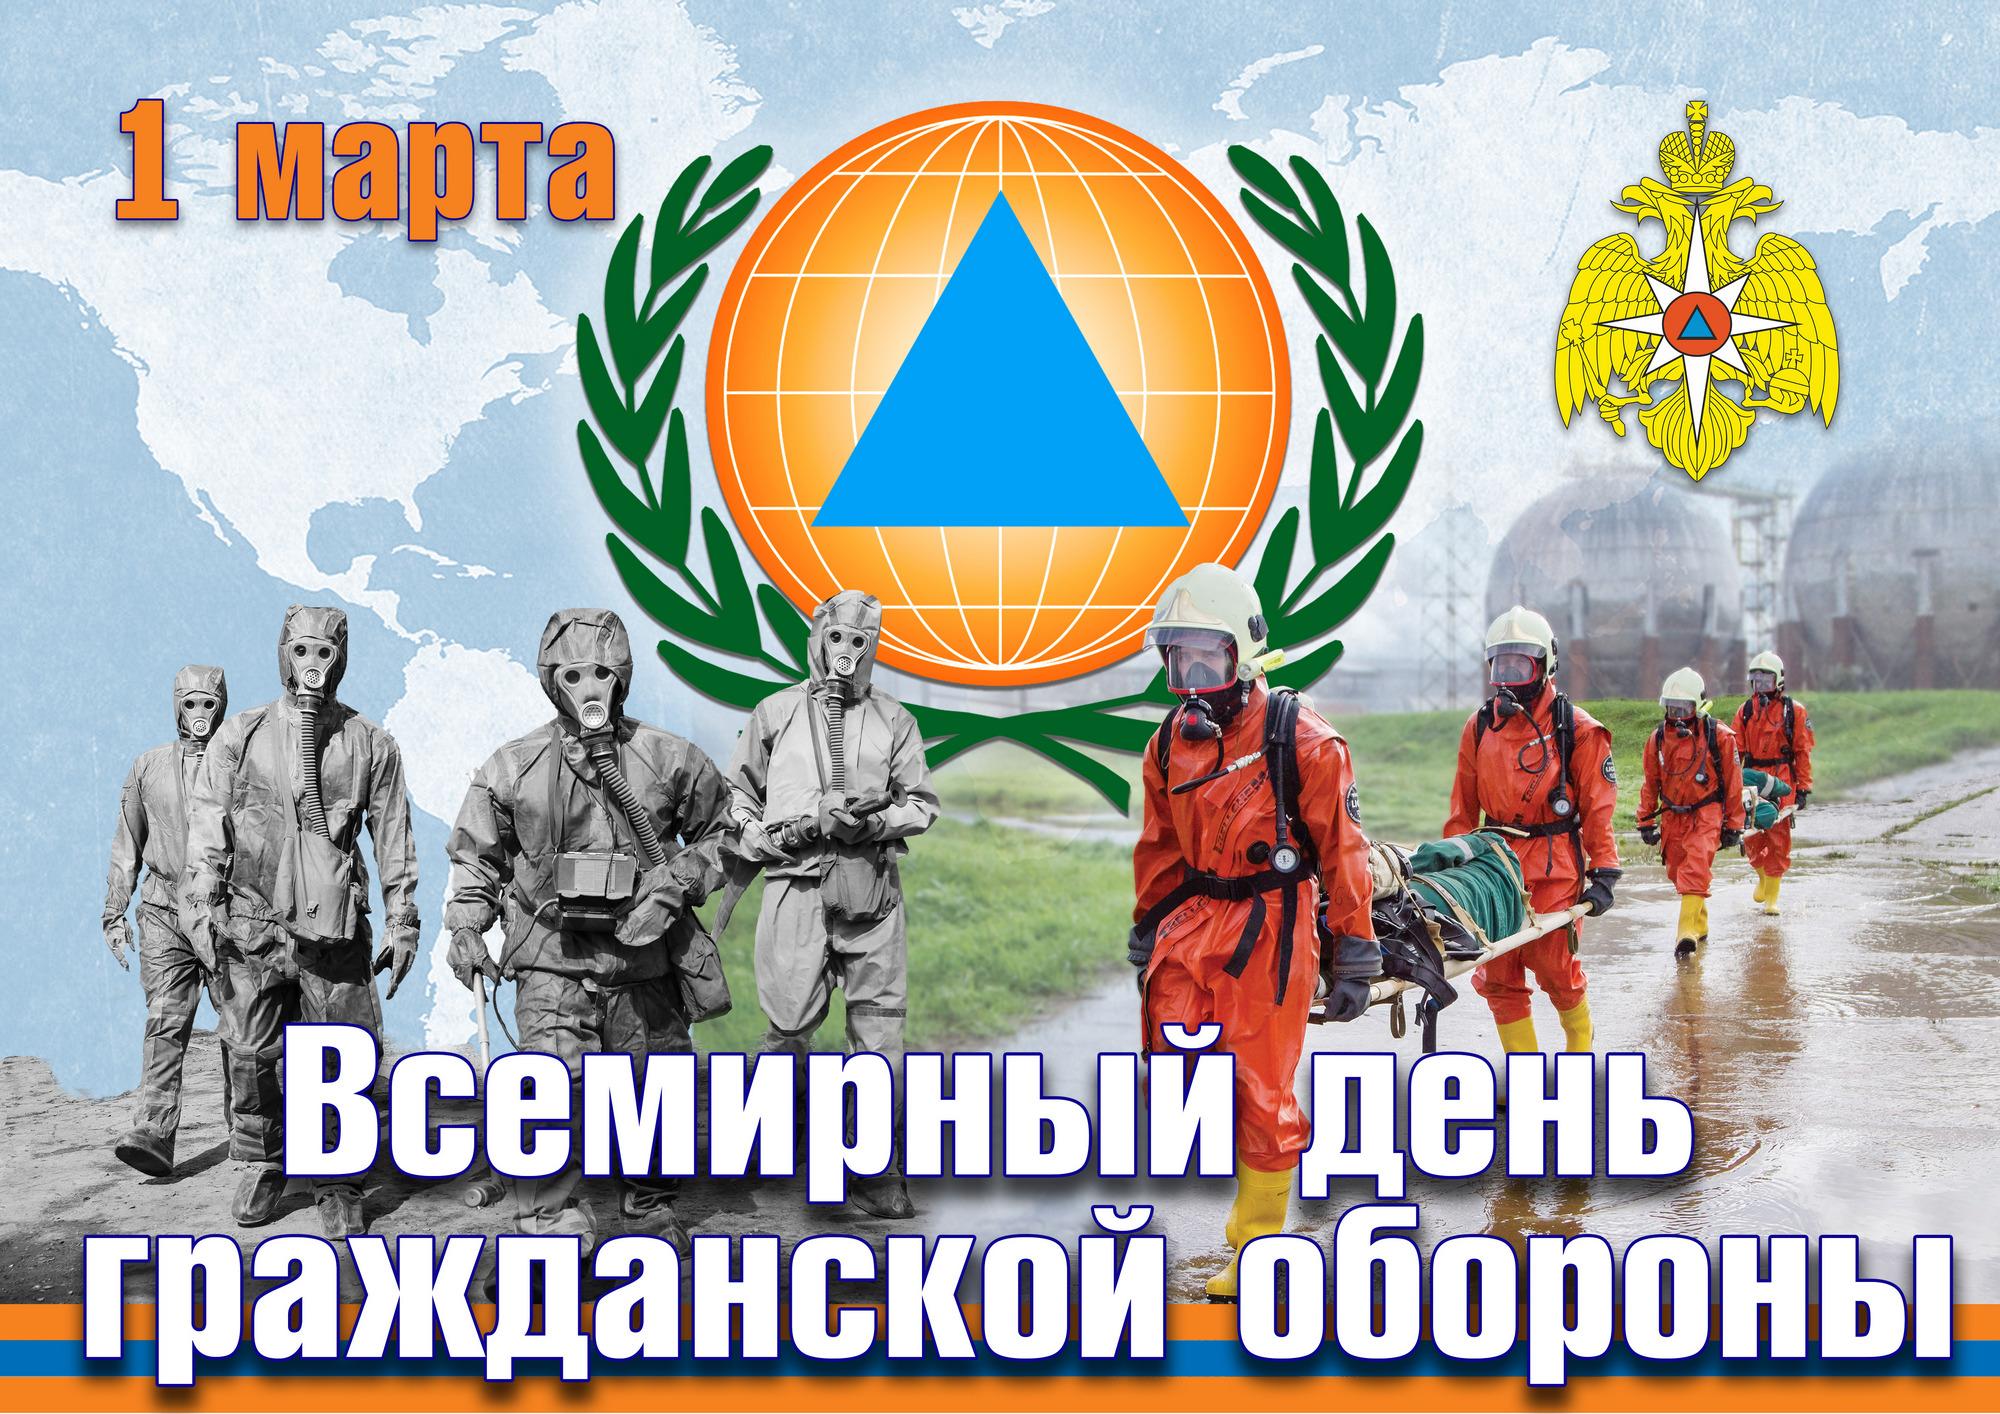 1 марта — Всемирный день гражданской обороны